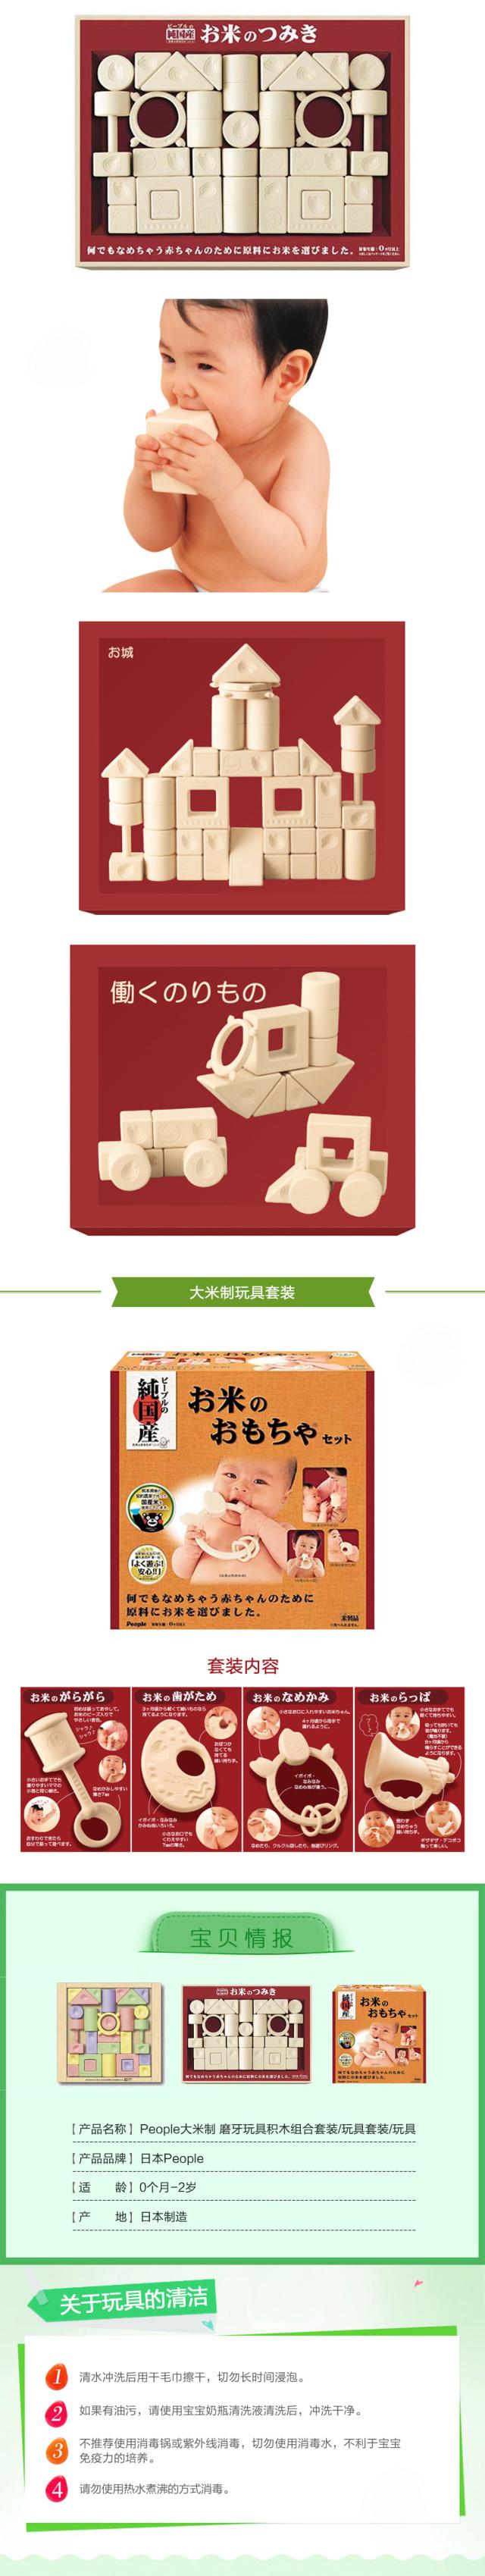 people大米制造积木